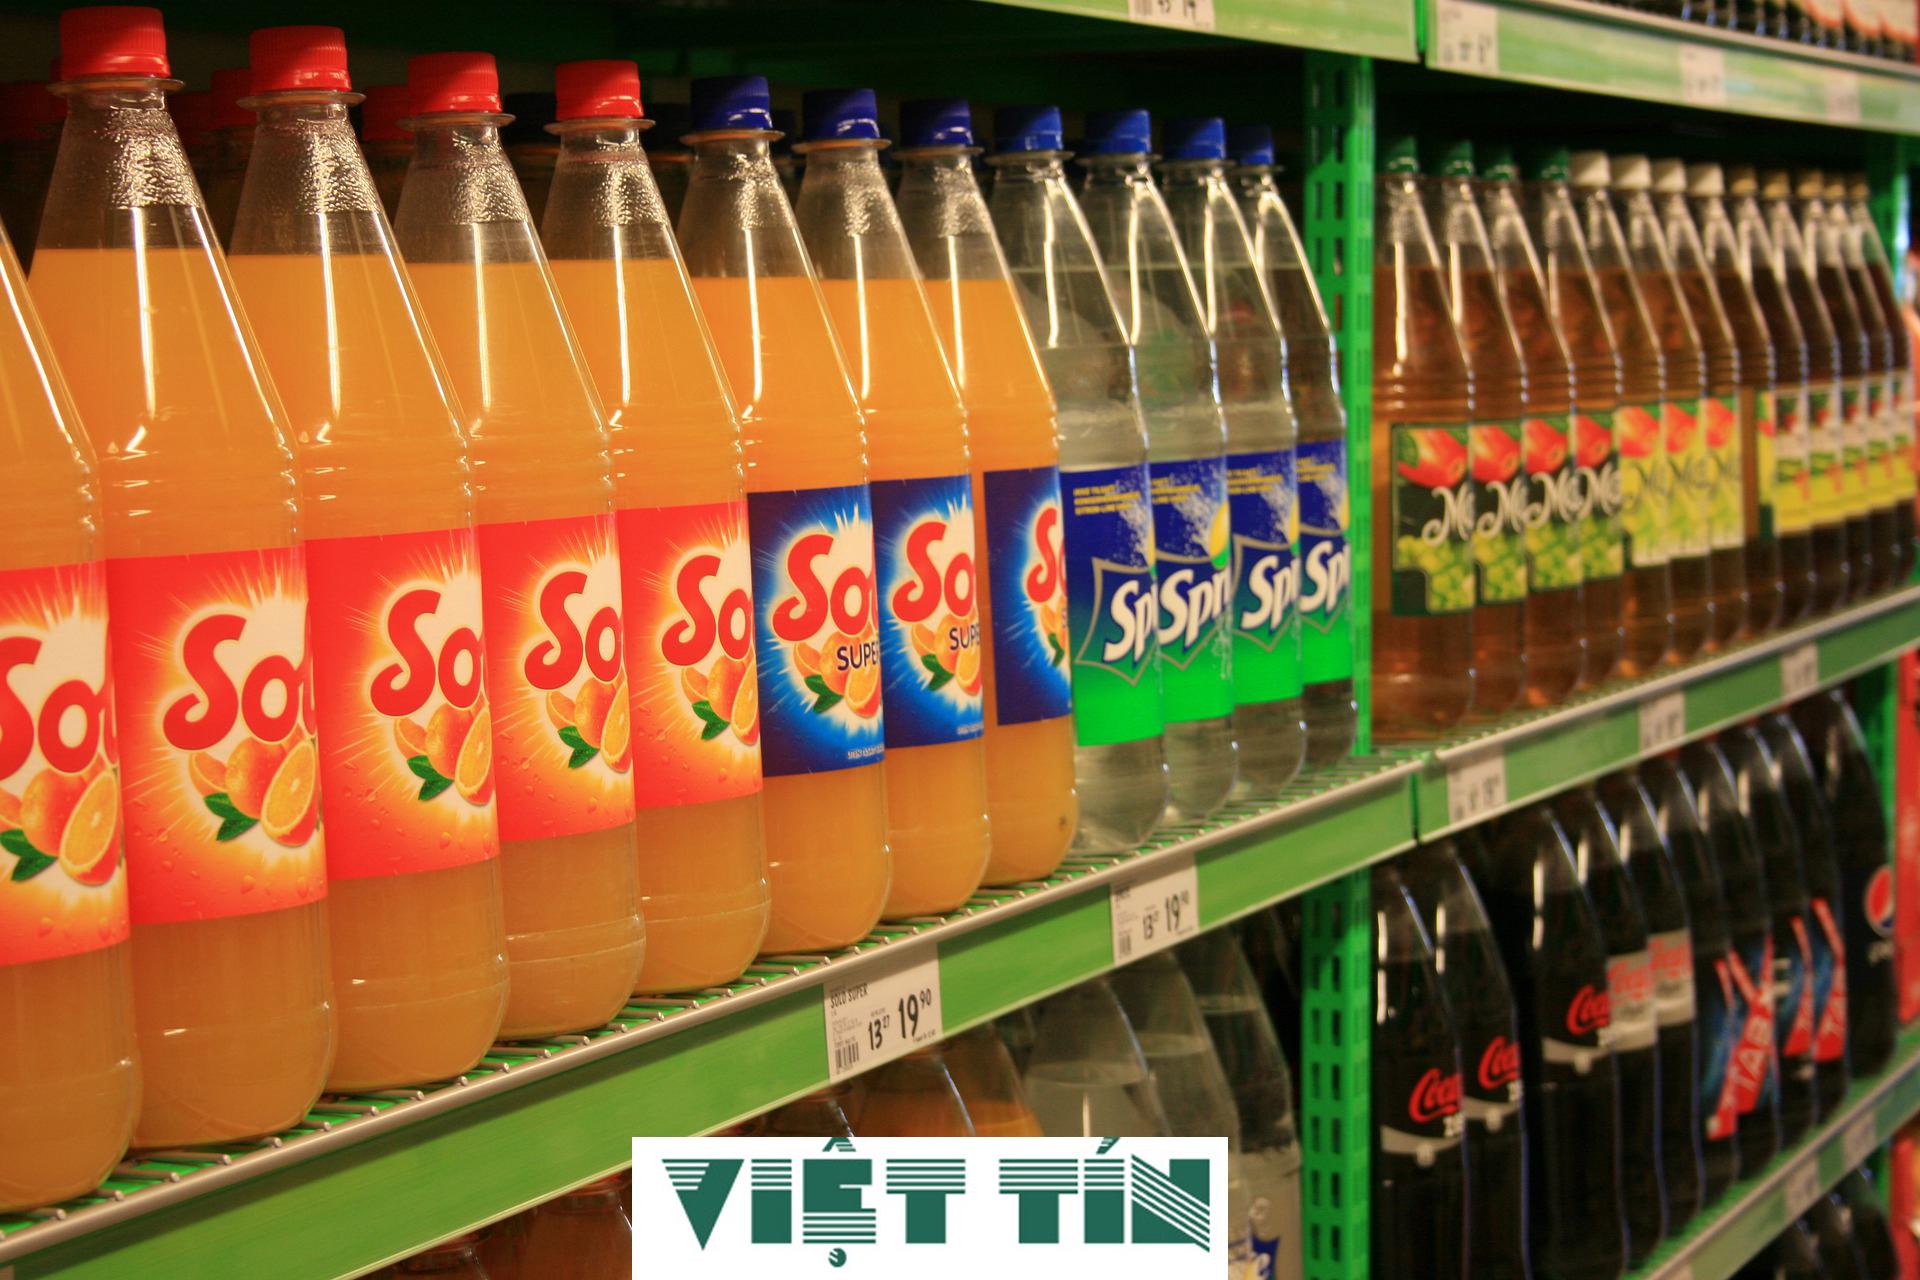 Thực hiện công bố sản phẩm đồ uống không có cồn dễ dàng lưu thông trên thị trường